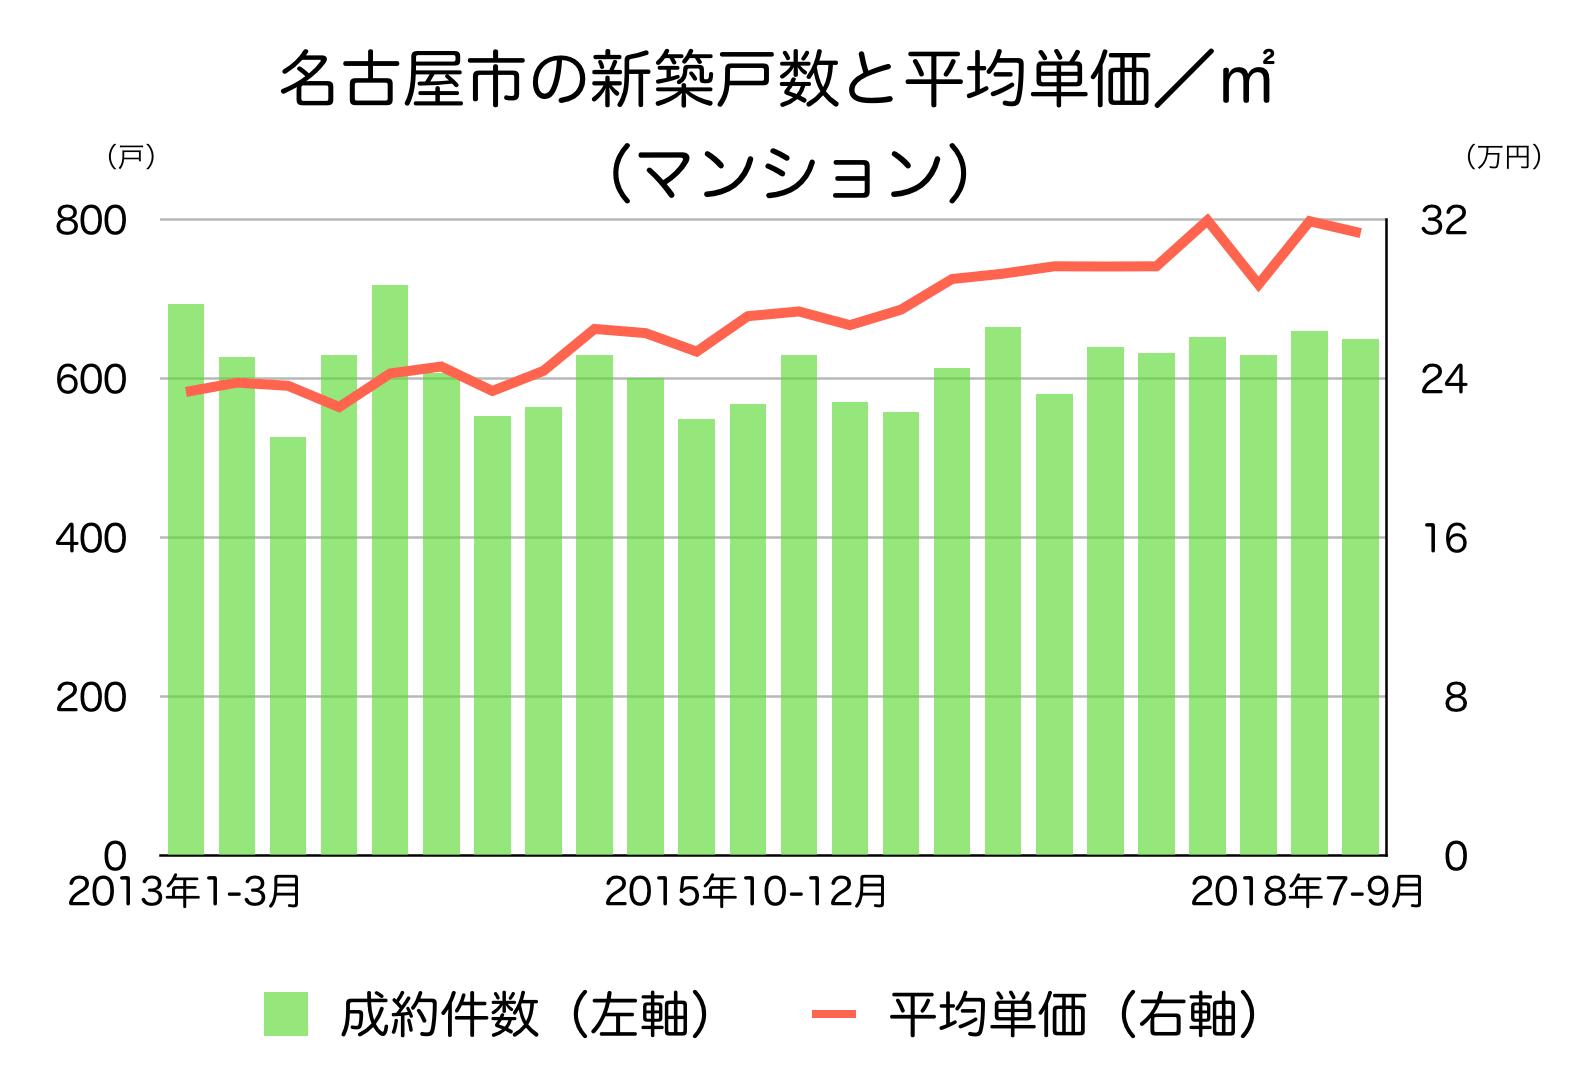 名古屋市のマンションの成約個数と平均単価